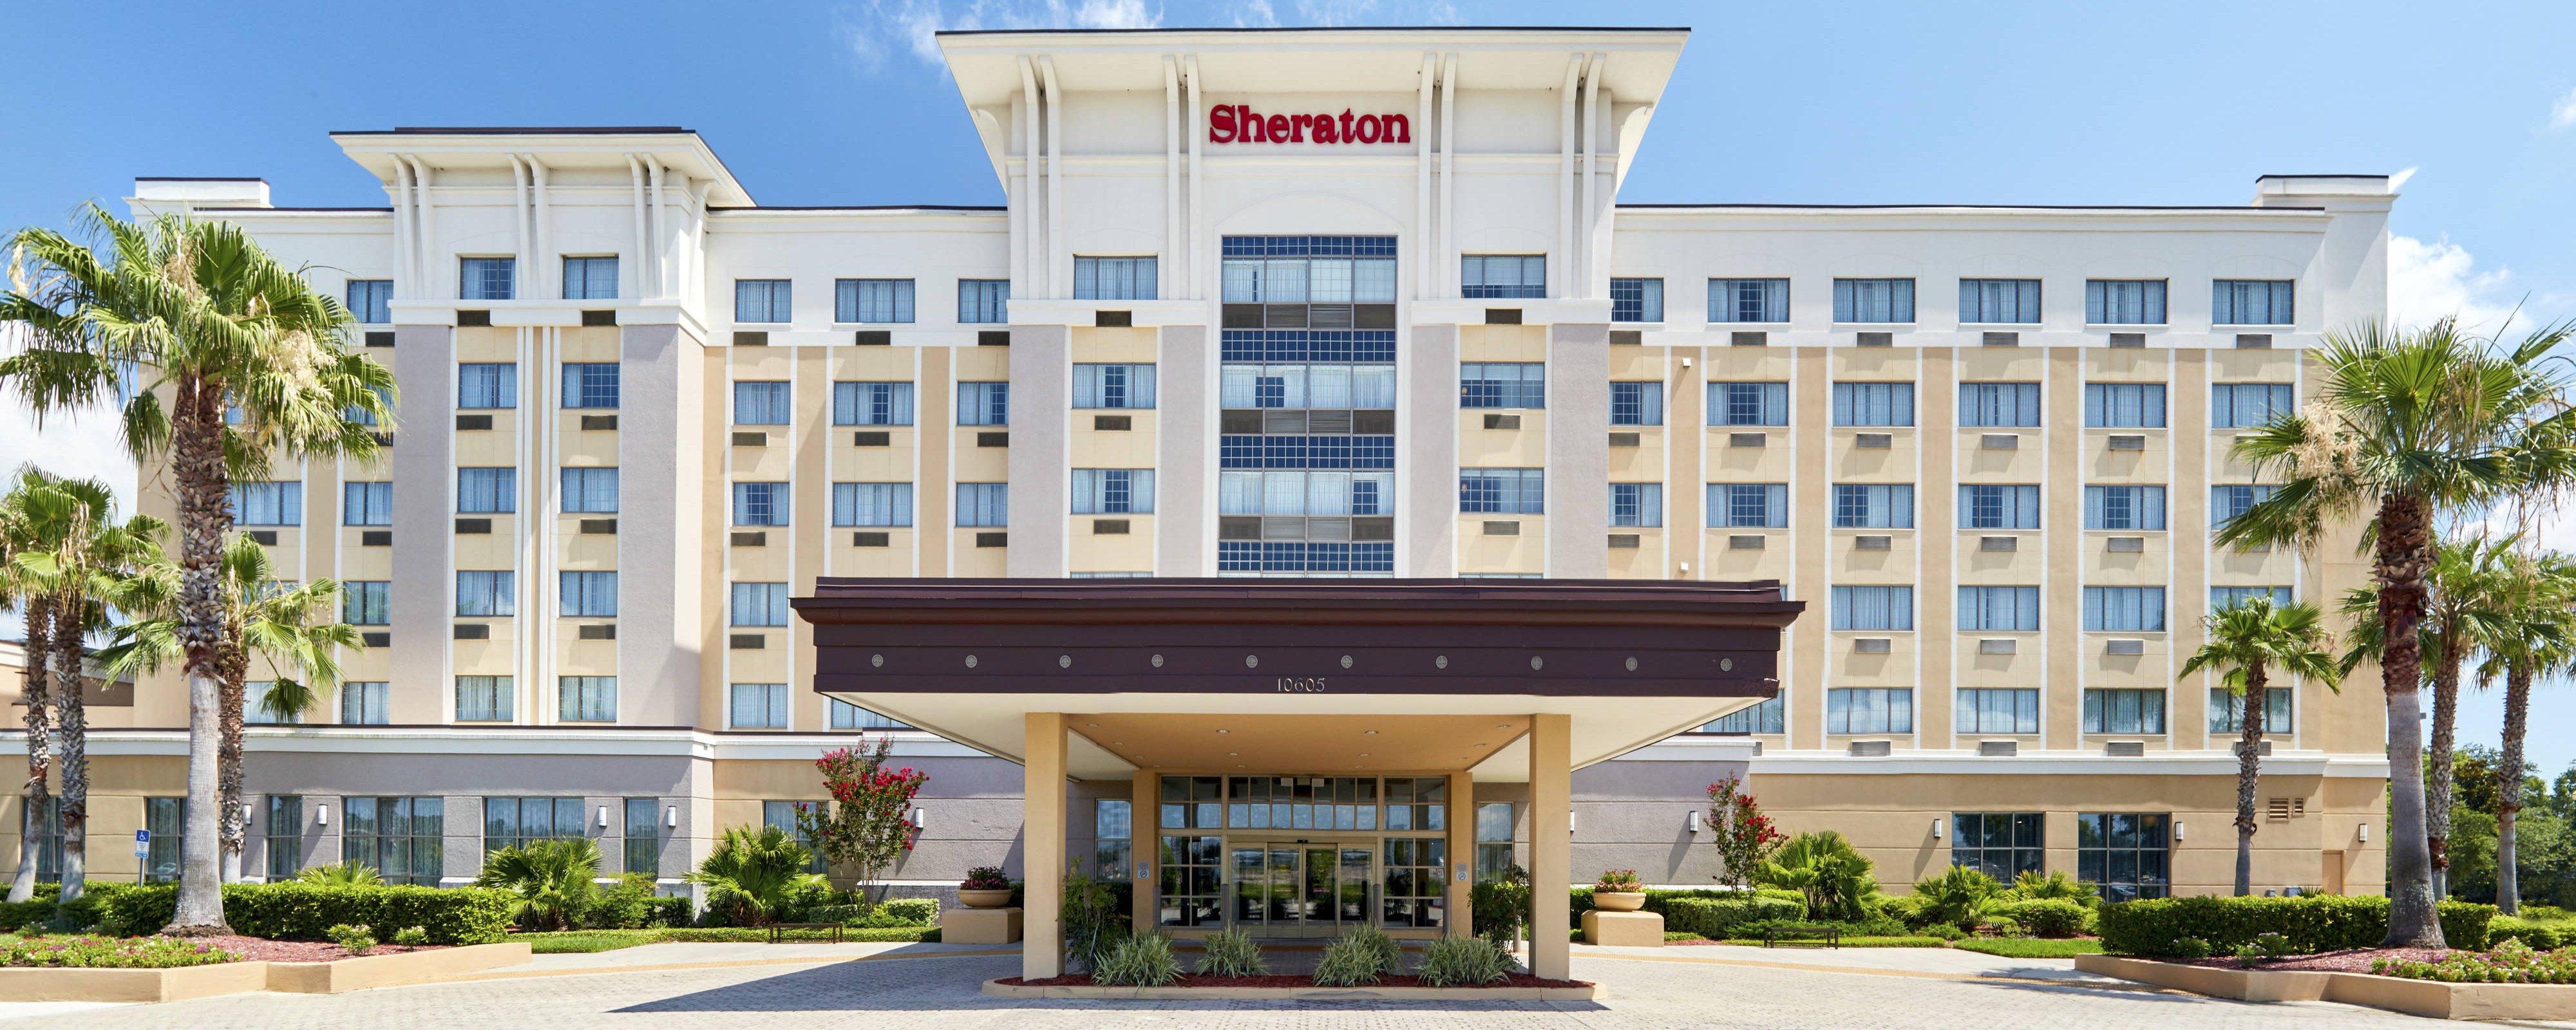 Sheraton Jacksonville Hotel - Jacksonville | Marriott Bonvoy - Map Of Hotels In Jacksonville Florida